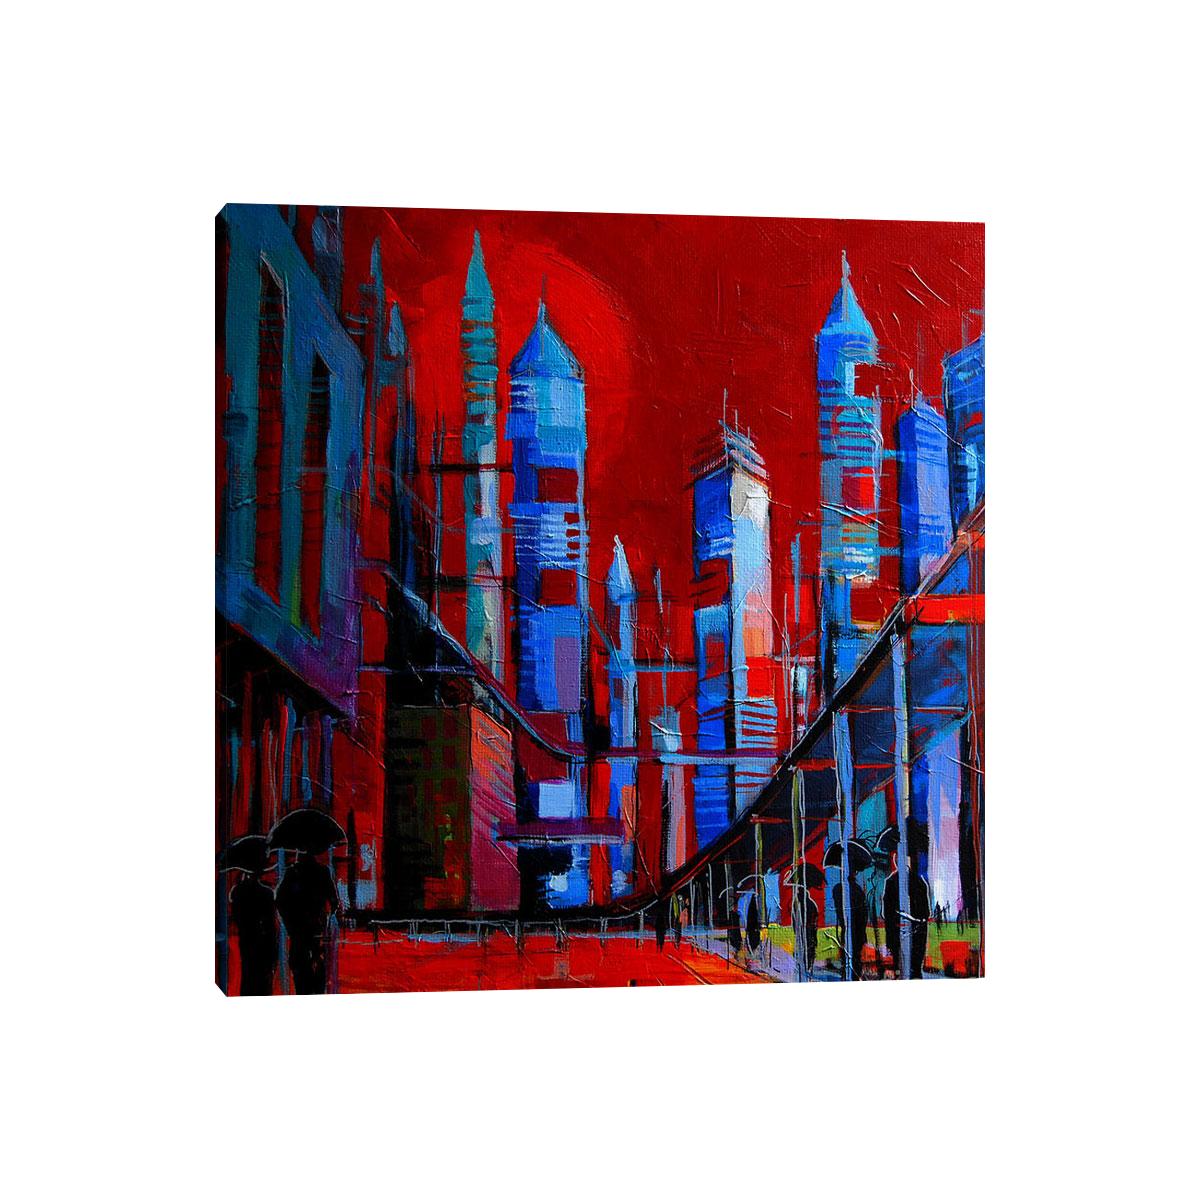 لوحات جدارية - صورة للابنية المستقبلية بكاليفورنيا - لوحات جدارية - كانفسي - لوحة فنية جدارية مدن عالمية بالألوان الجذابة التي تعطي طاقة حيوية وتفاؤل تتناسب مع جميع أثاثكم شاهد المزيد في متجر كانفسي